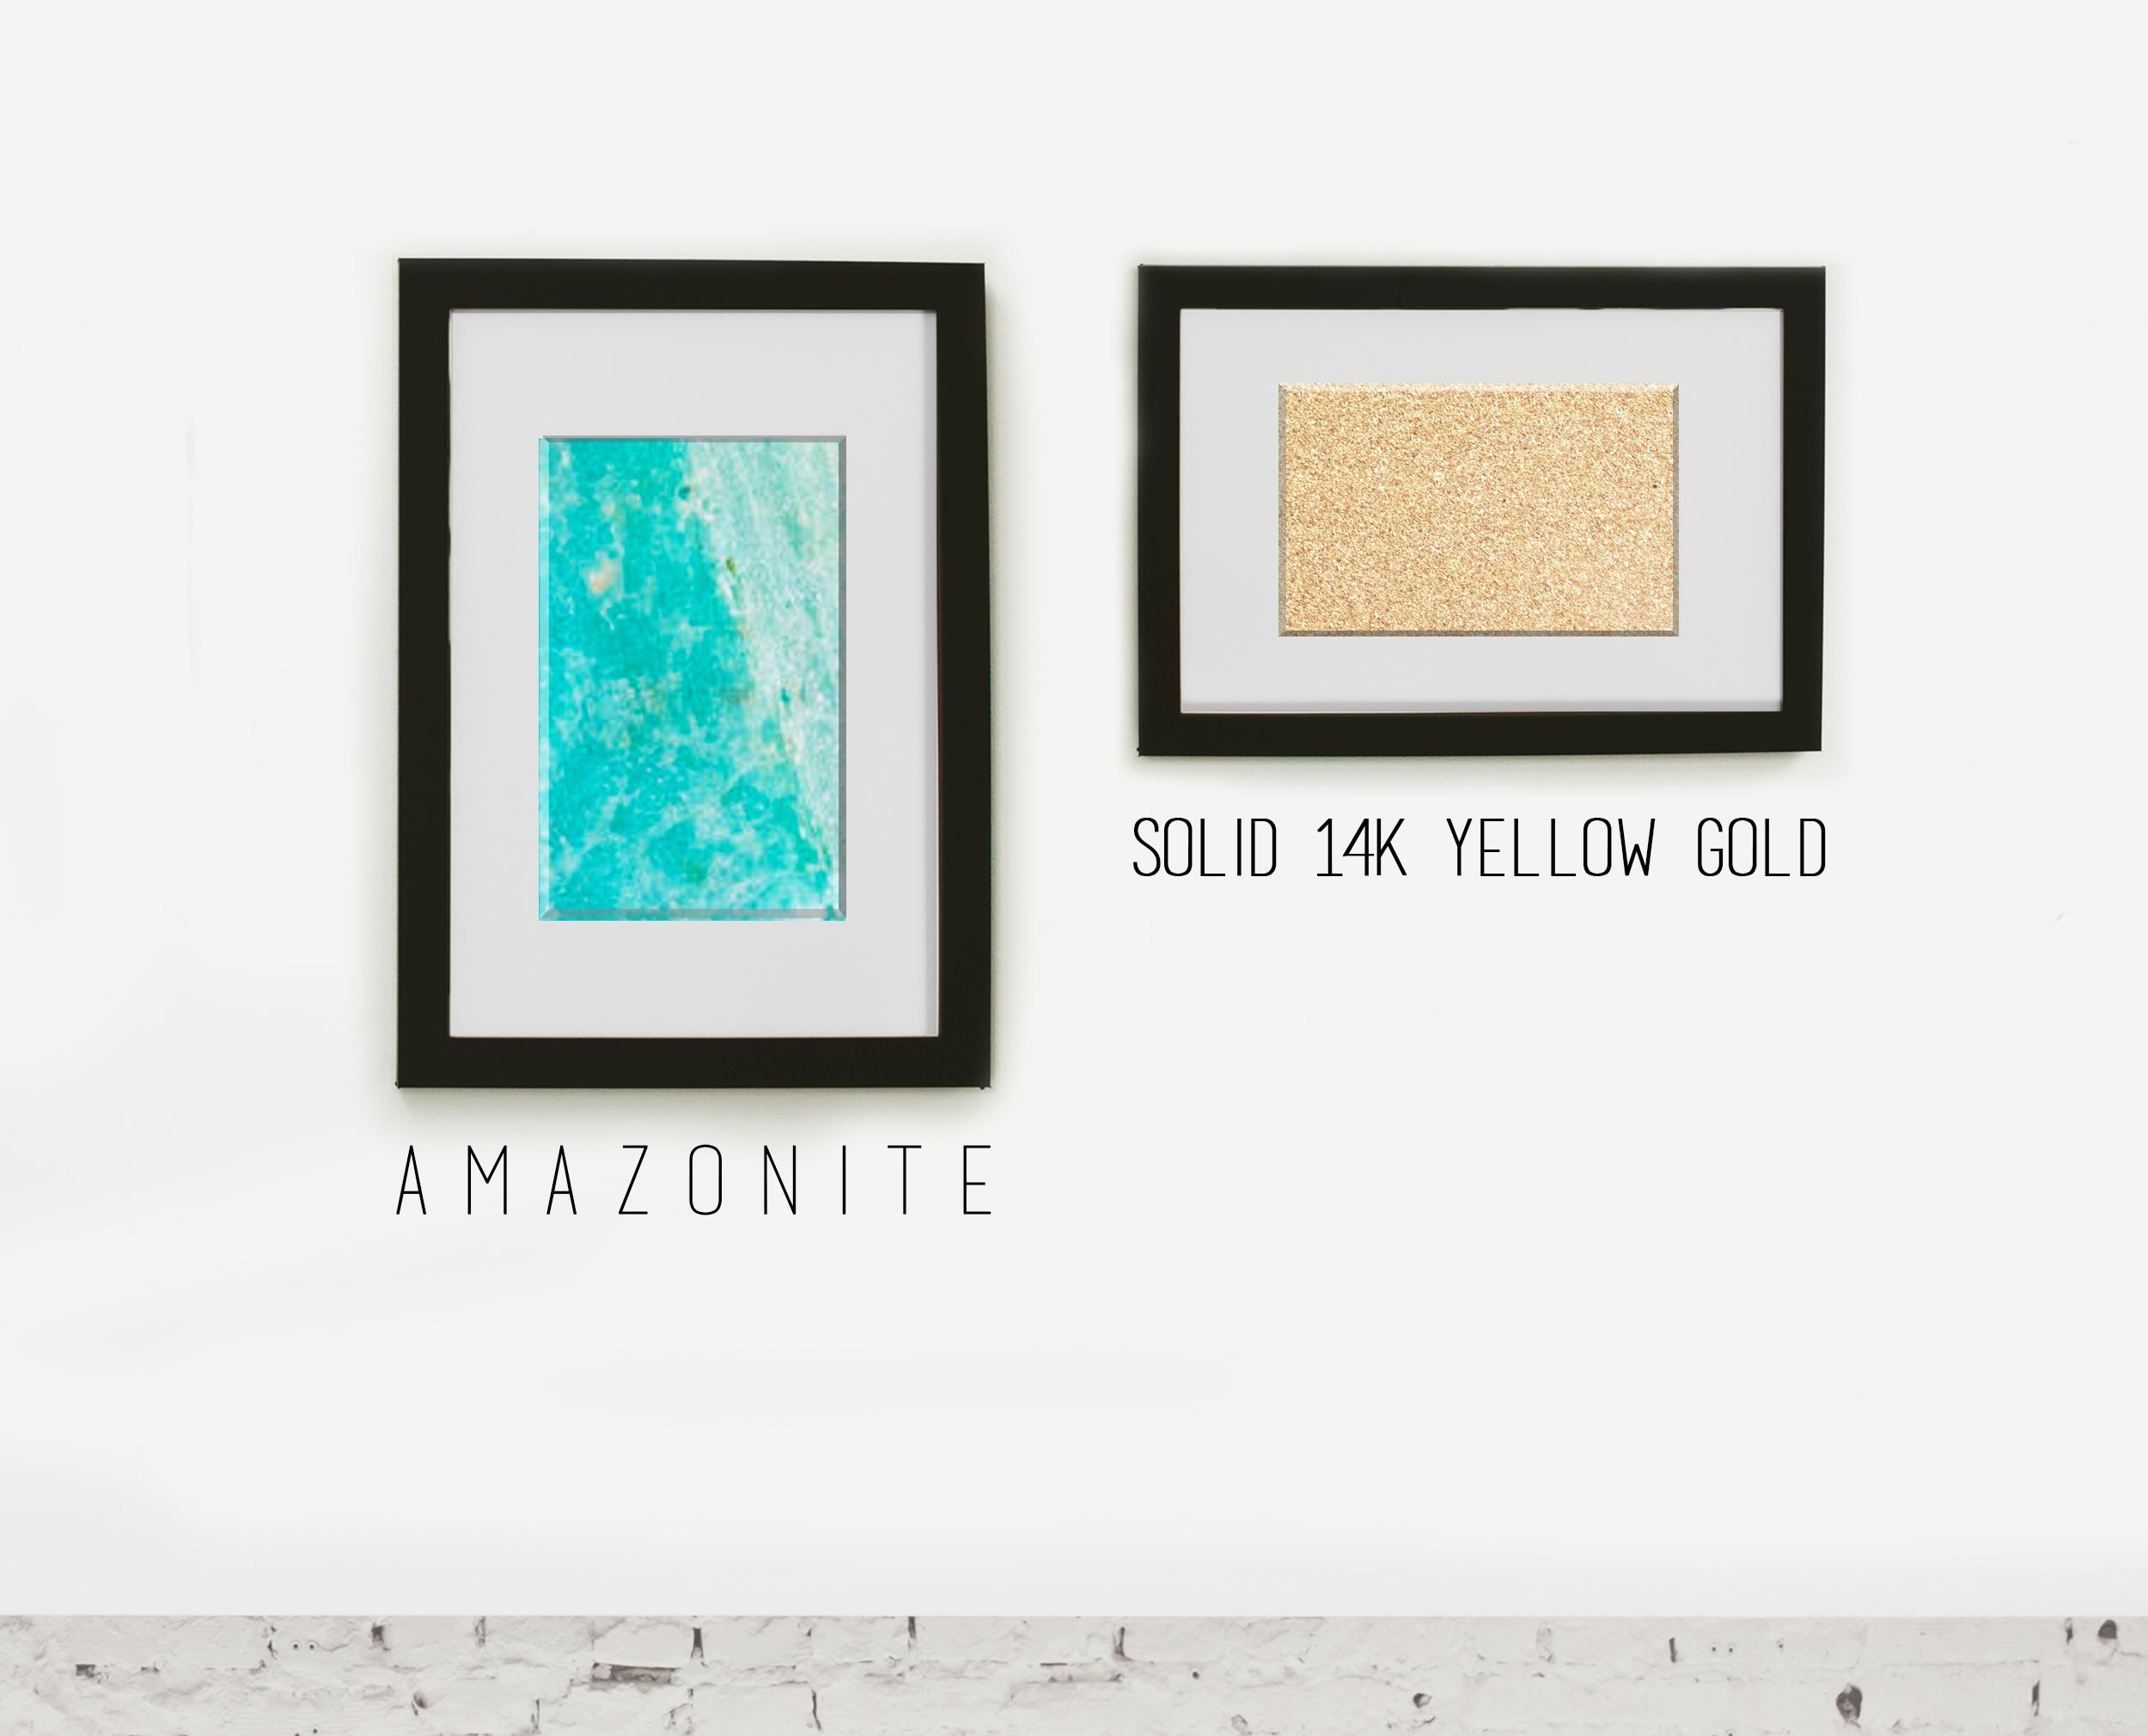 amazonite + 14k yellow gold.jpg